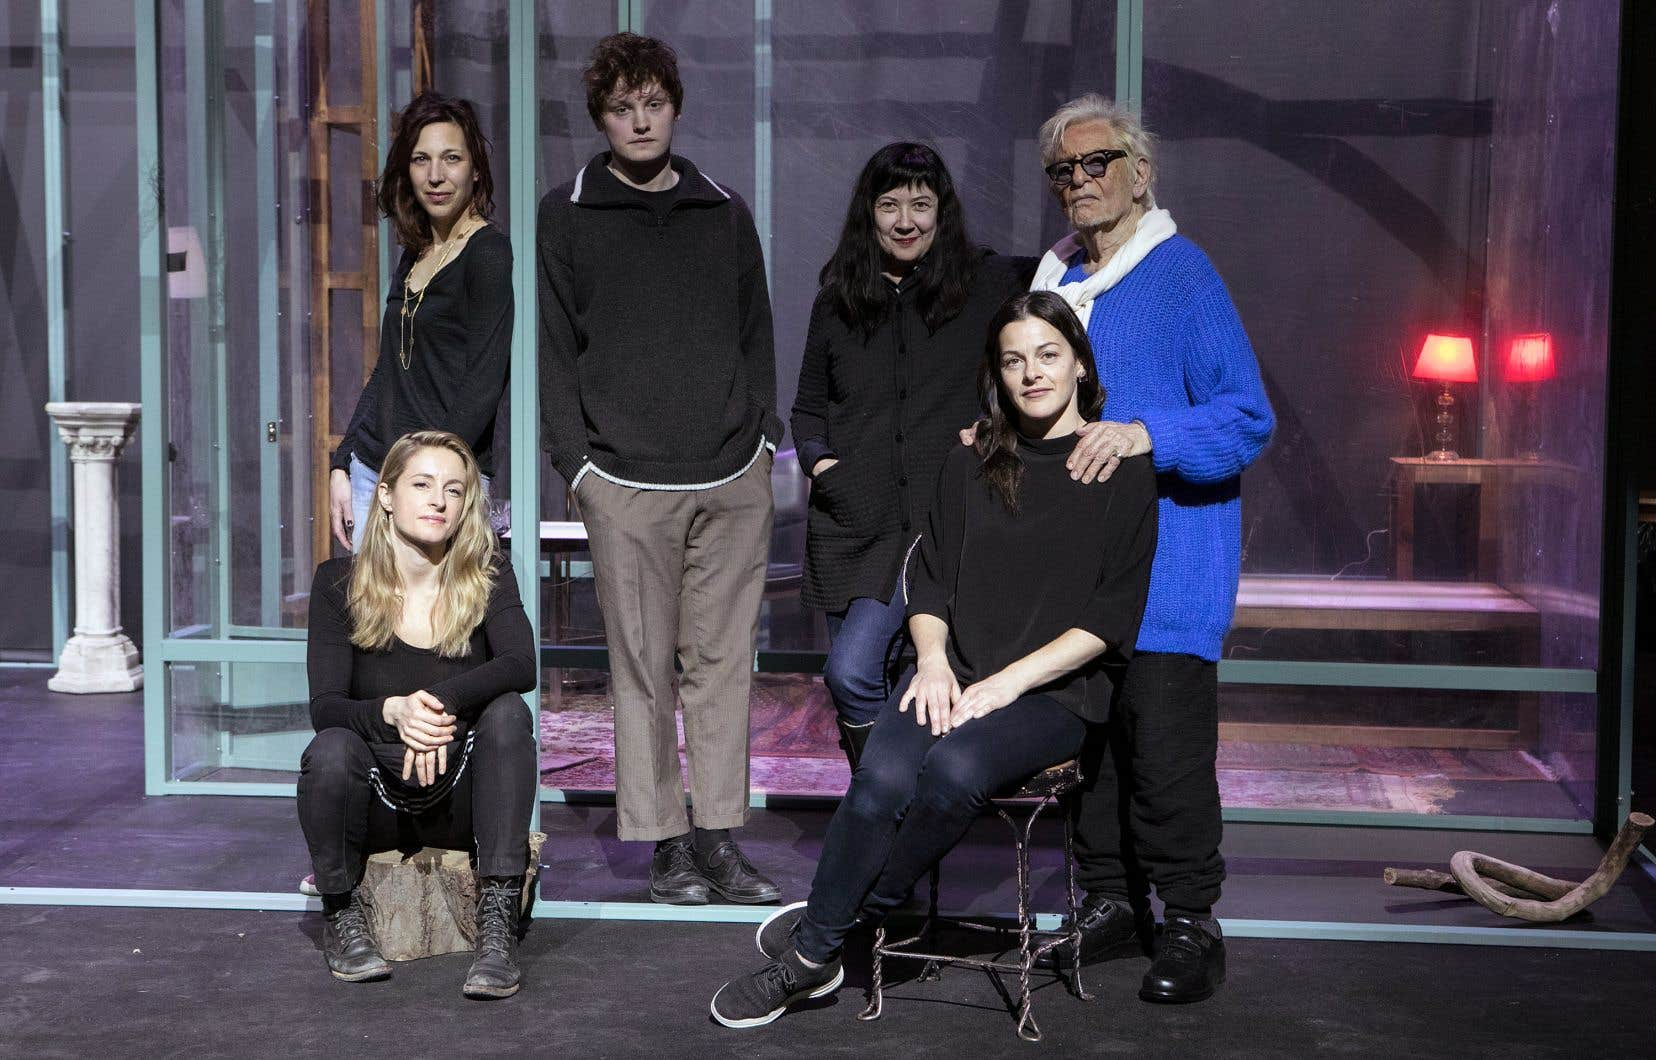 L'auteure sur la scène en montage de «La vie utile», en compagnie de la metteure en scène Marie Brassard et des comédiens Christine Beaulieu, Jules Roy Sicotte, Sophie Cadieux et Louis Negin